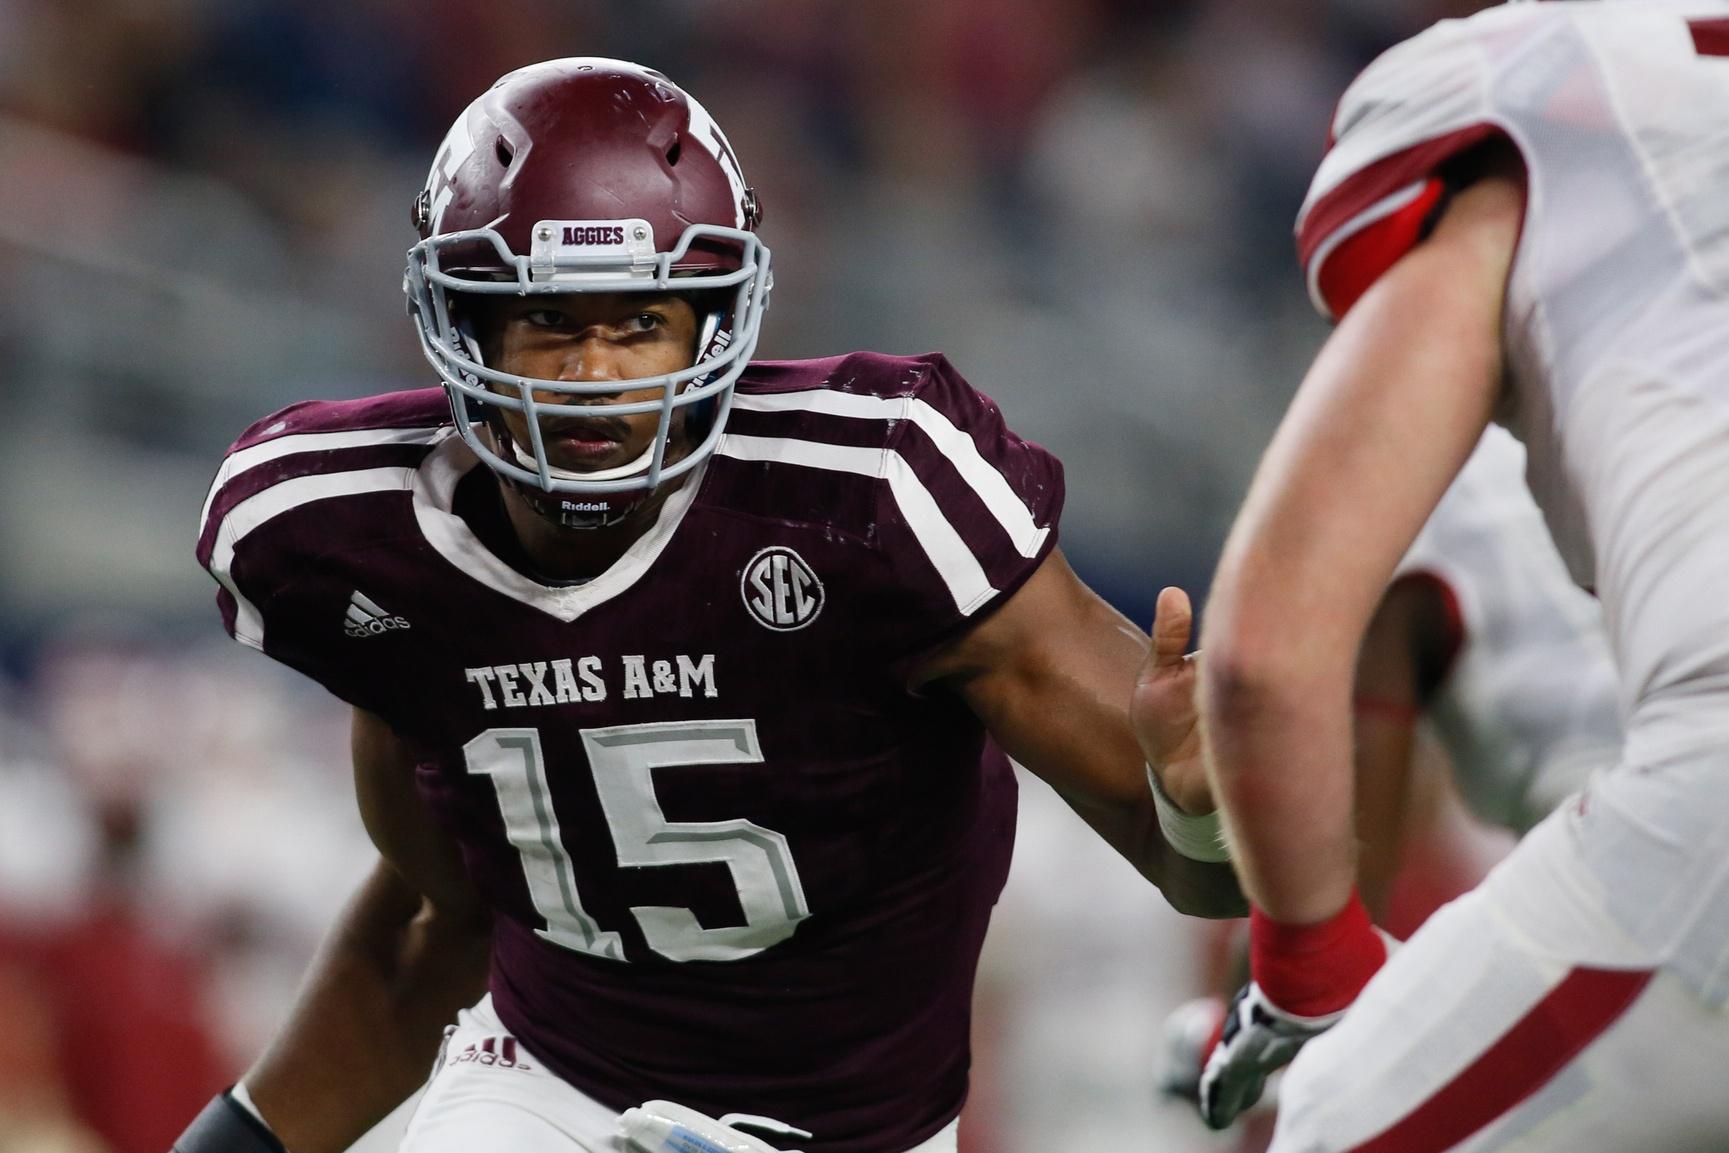 Myles Garrett of Texas A&M at the 2017 NFL Draft